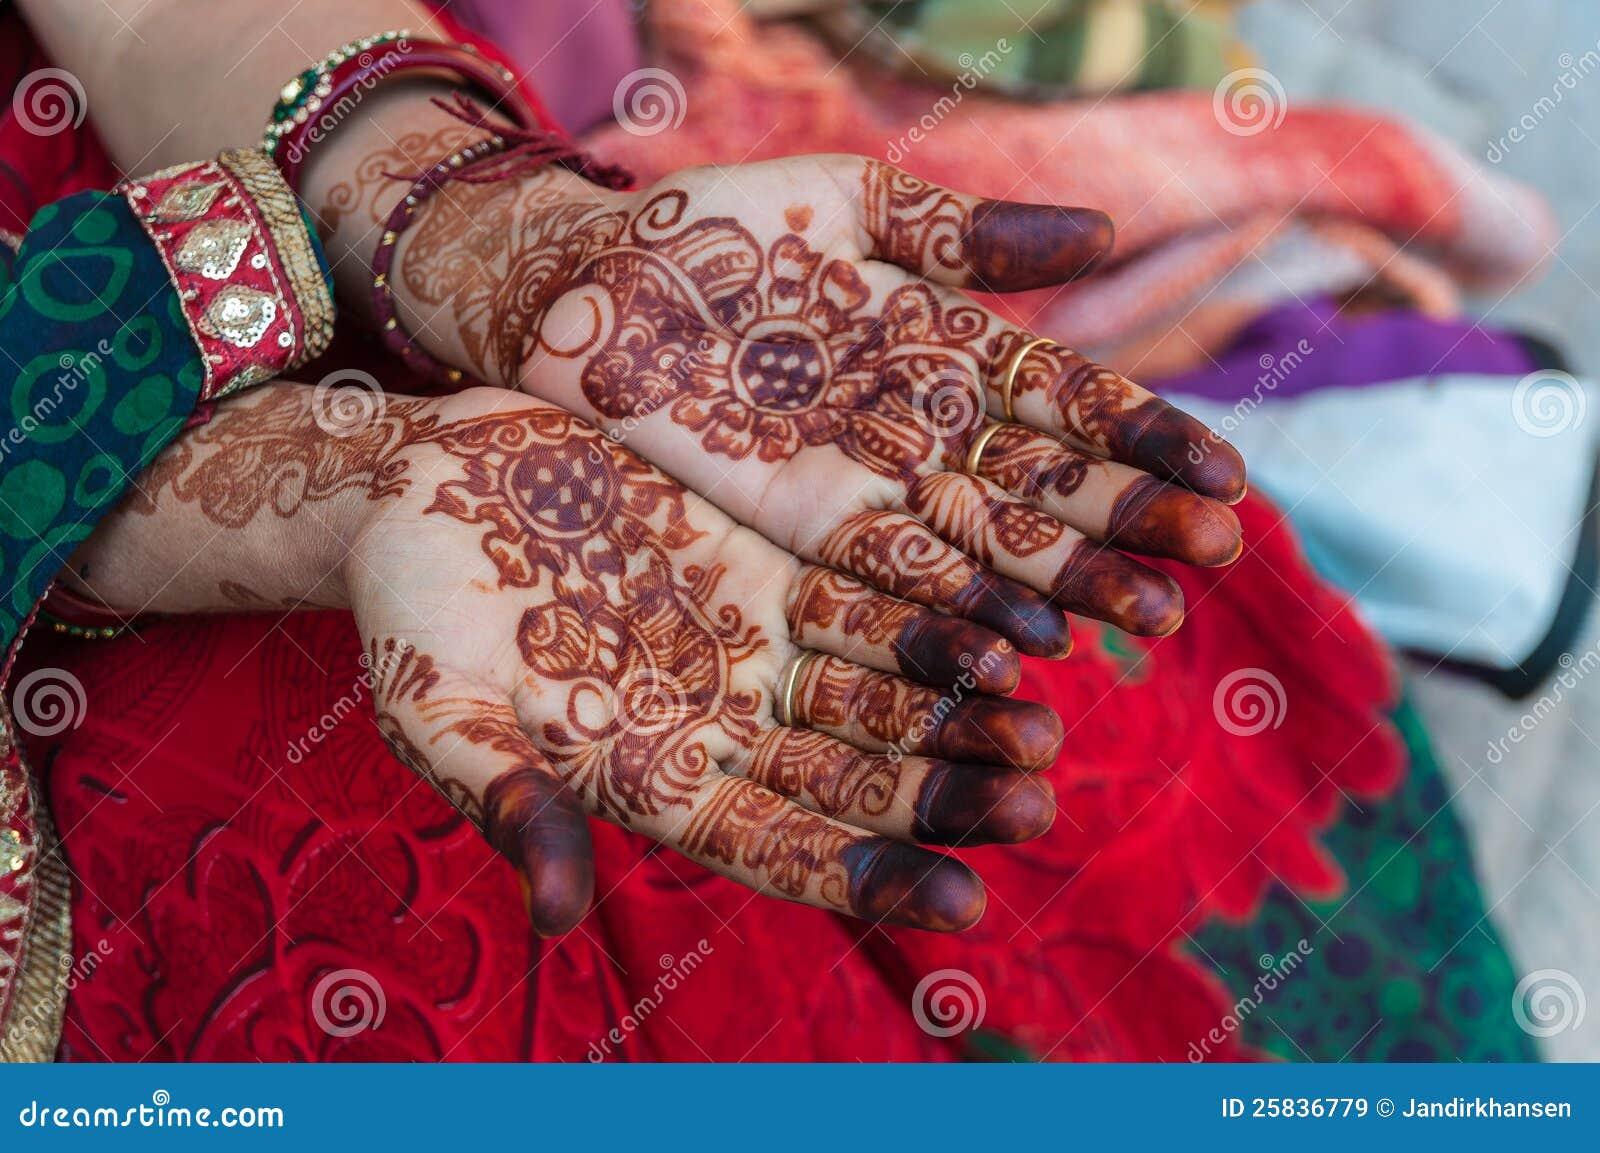 un femme indien avec des tatouages de henn sur les mains image stock image 25836779. Black Bedroom Furniture Sets. Home Design Ideas